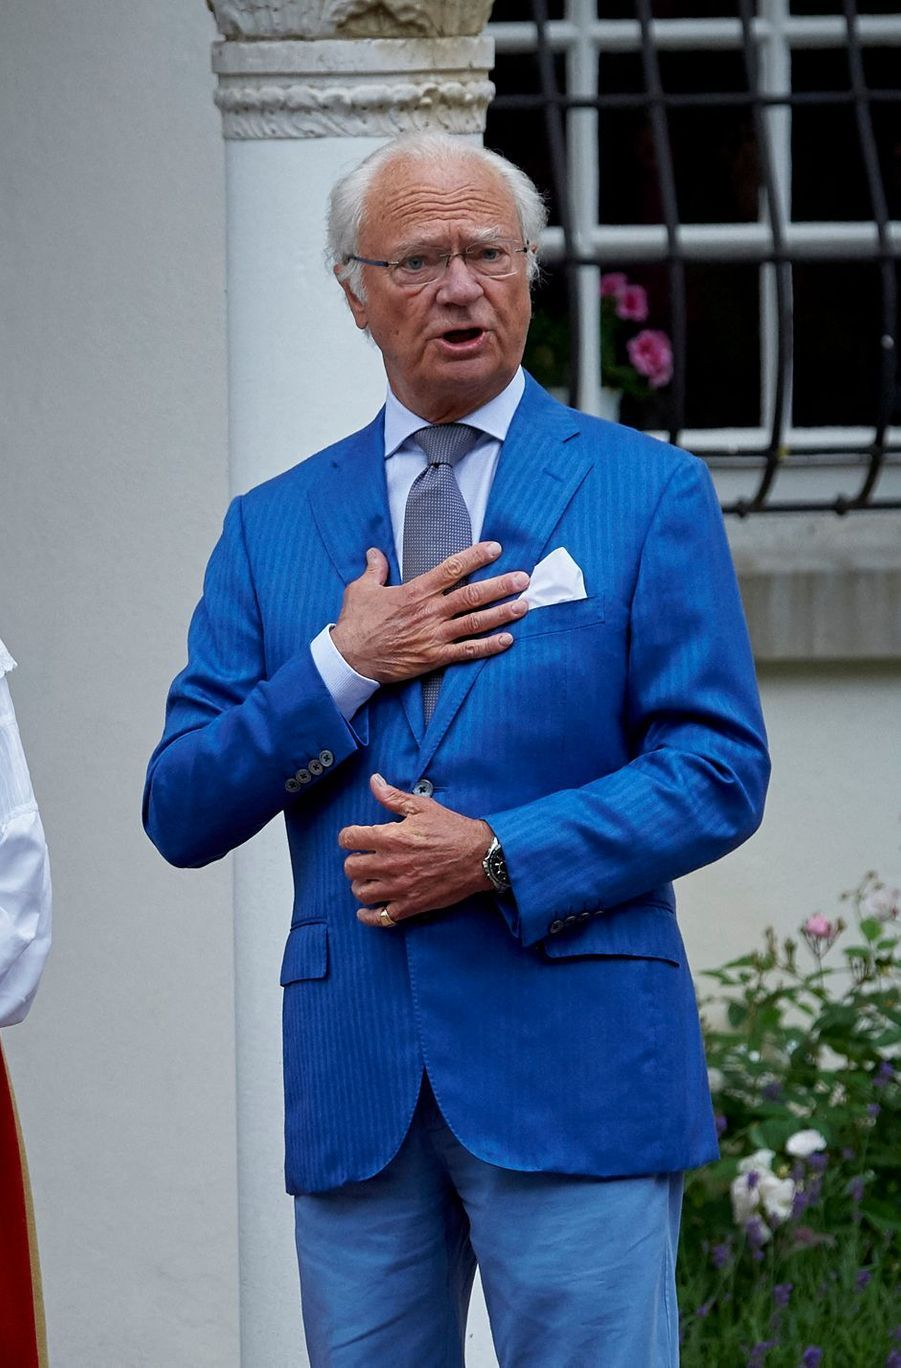 Le roi Carl XVI Gustaf de Suède (ici le 10 juillet 2020) va fêter ses 75 ans en 2021